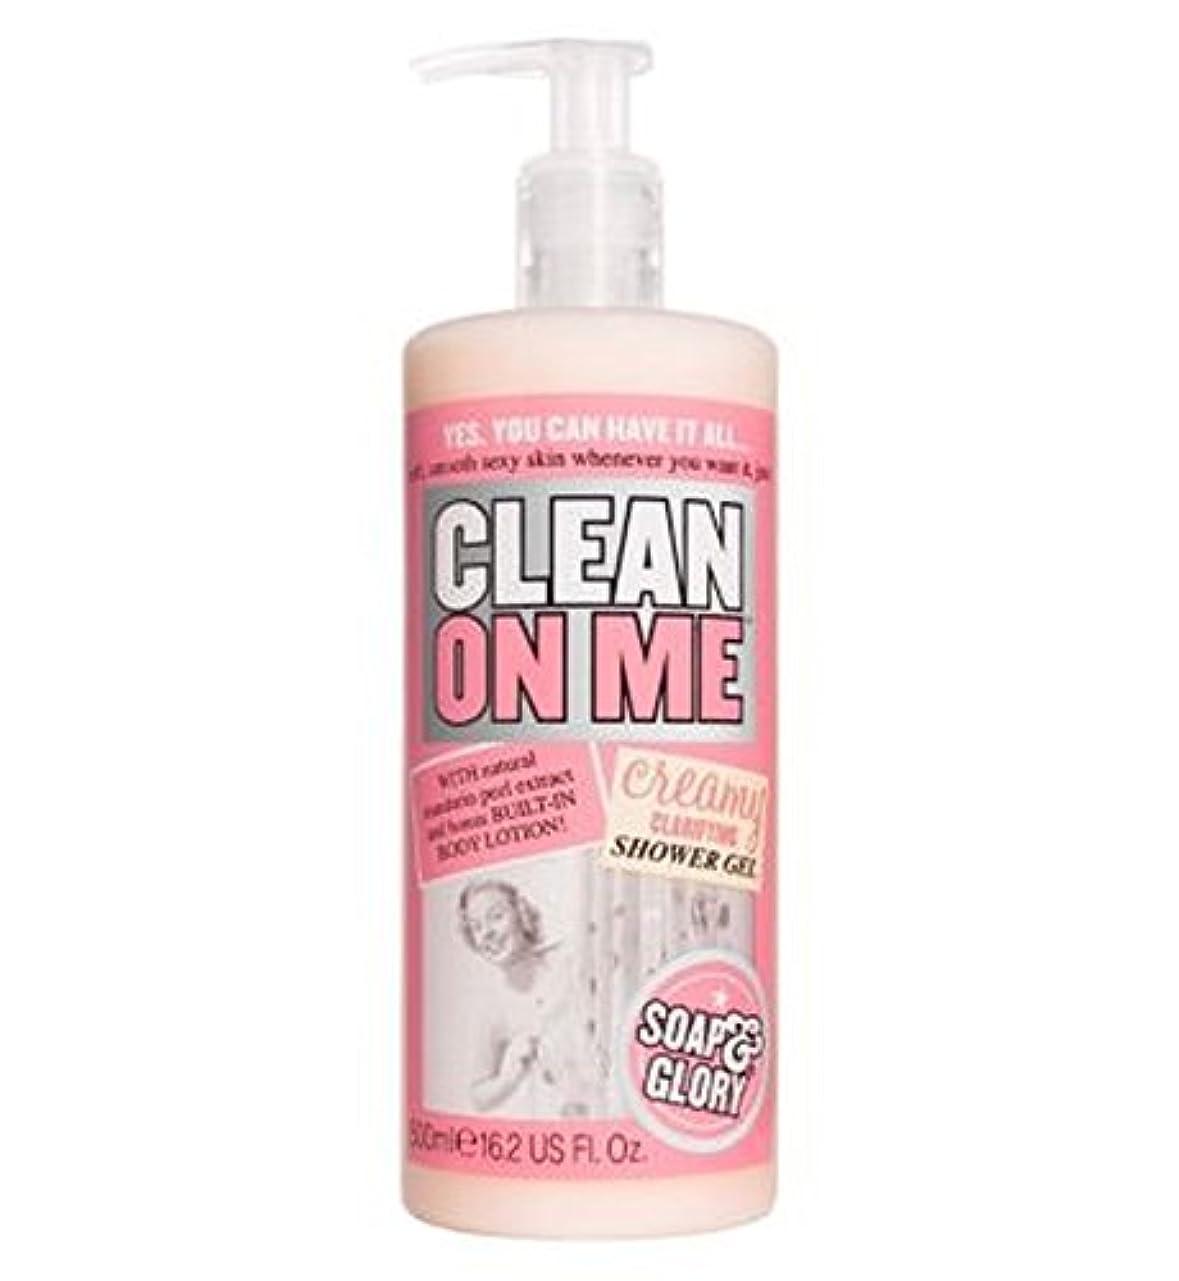 にはまって勃起韓国語Soap & Glory Clean On Me Creamy Clarifying Shower Gel 500ml - 私にきれいな石鹸&栄光はシャワージェル500ミリリットルを明確にクリーミー (Soap & Glory...